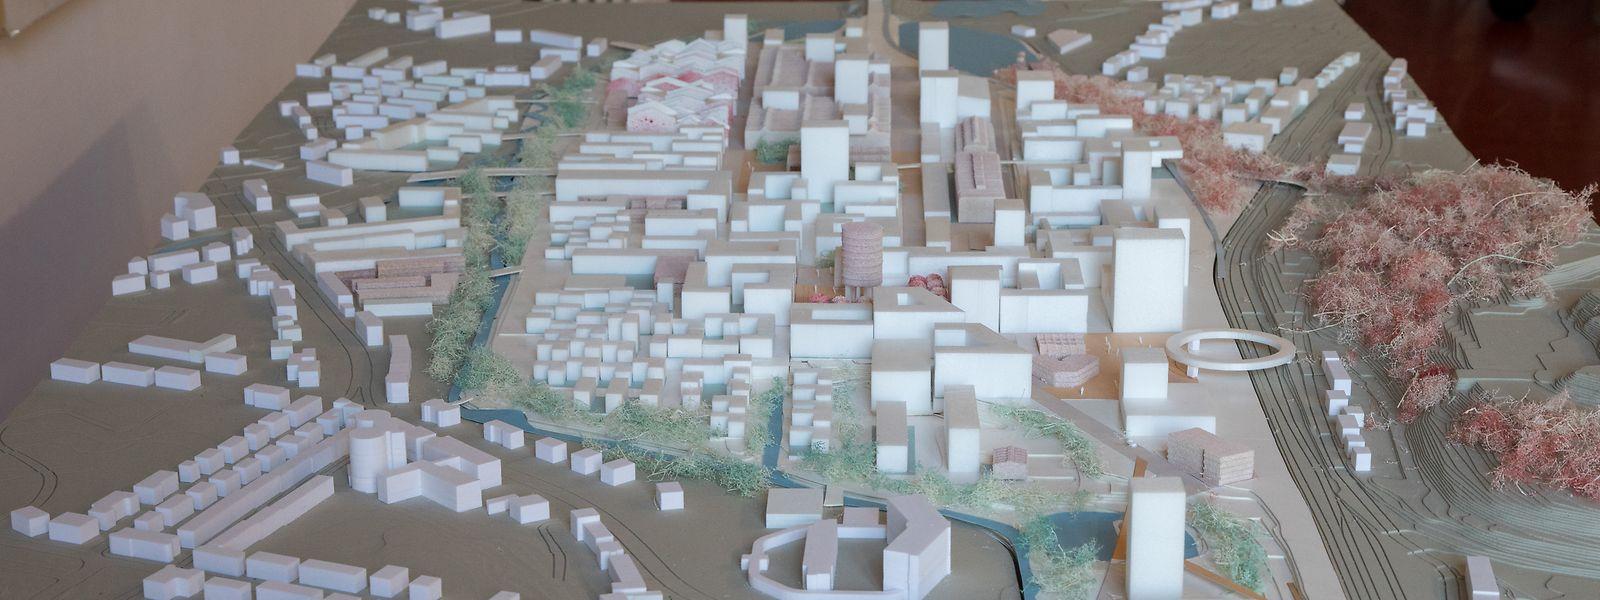 Les premiers travaux sur l'ancien site de l'Arbed entre Esch et Schifflange ne sont pas attendus avant 2024 ou 2025.